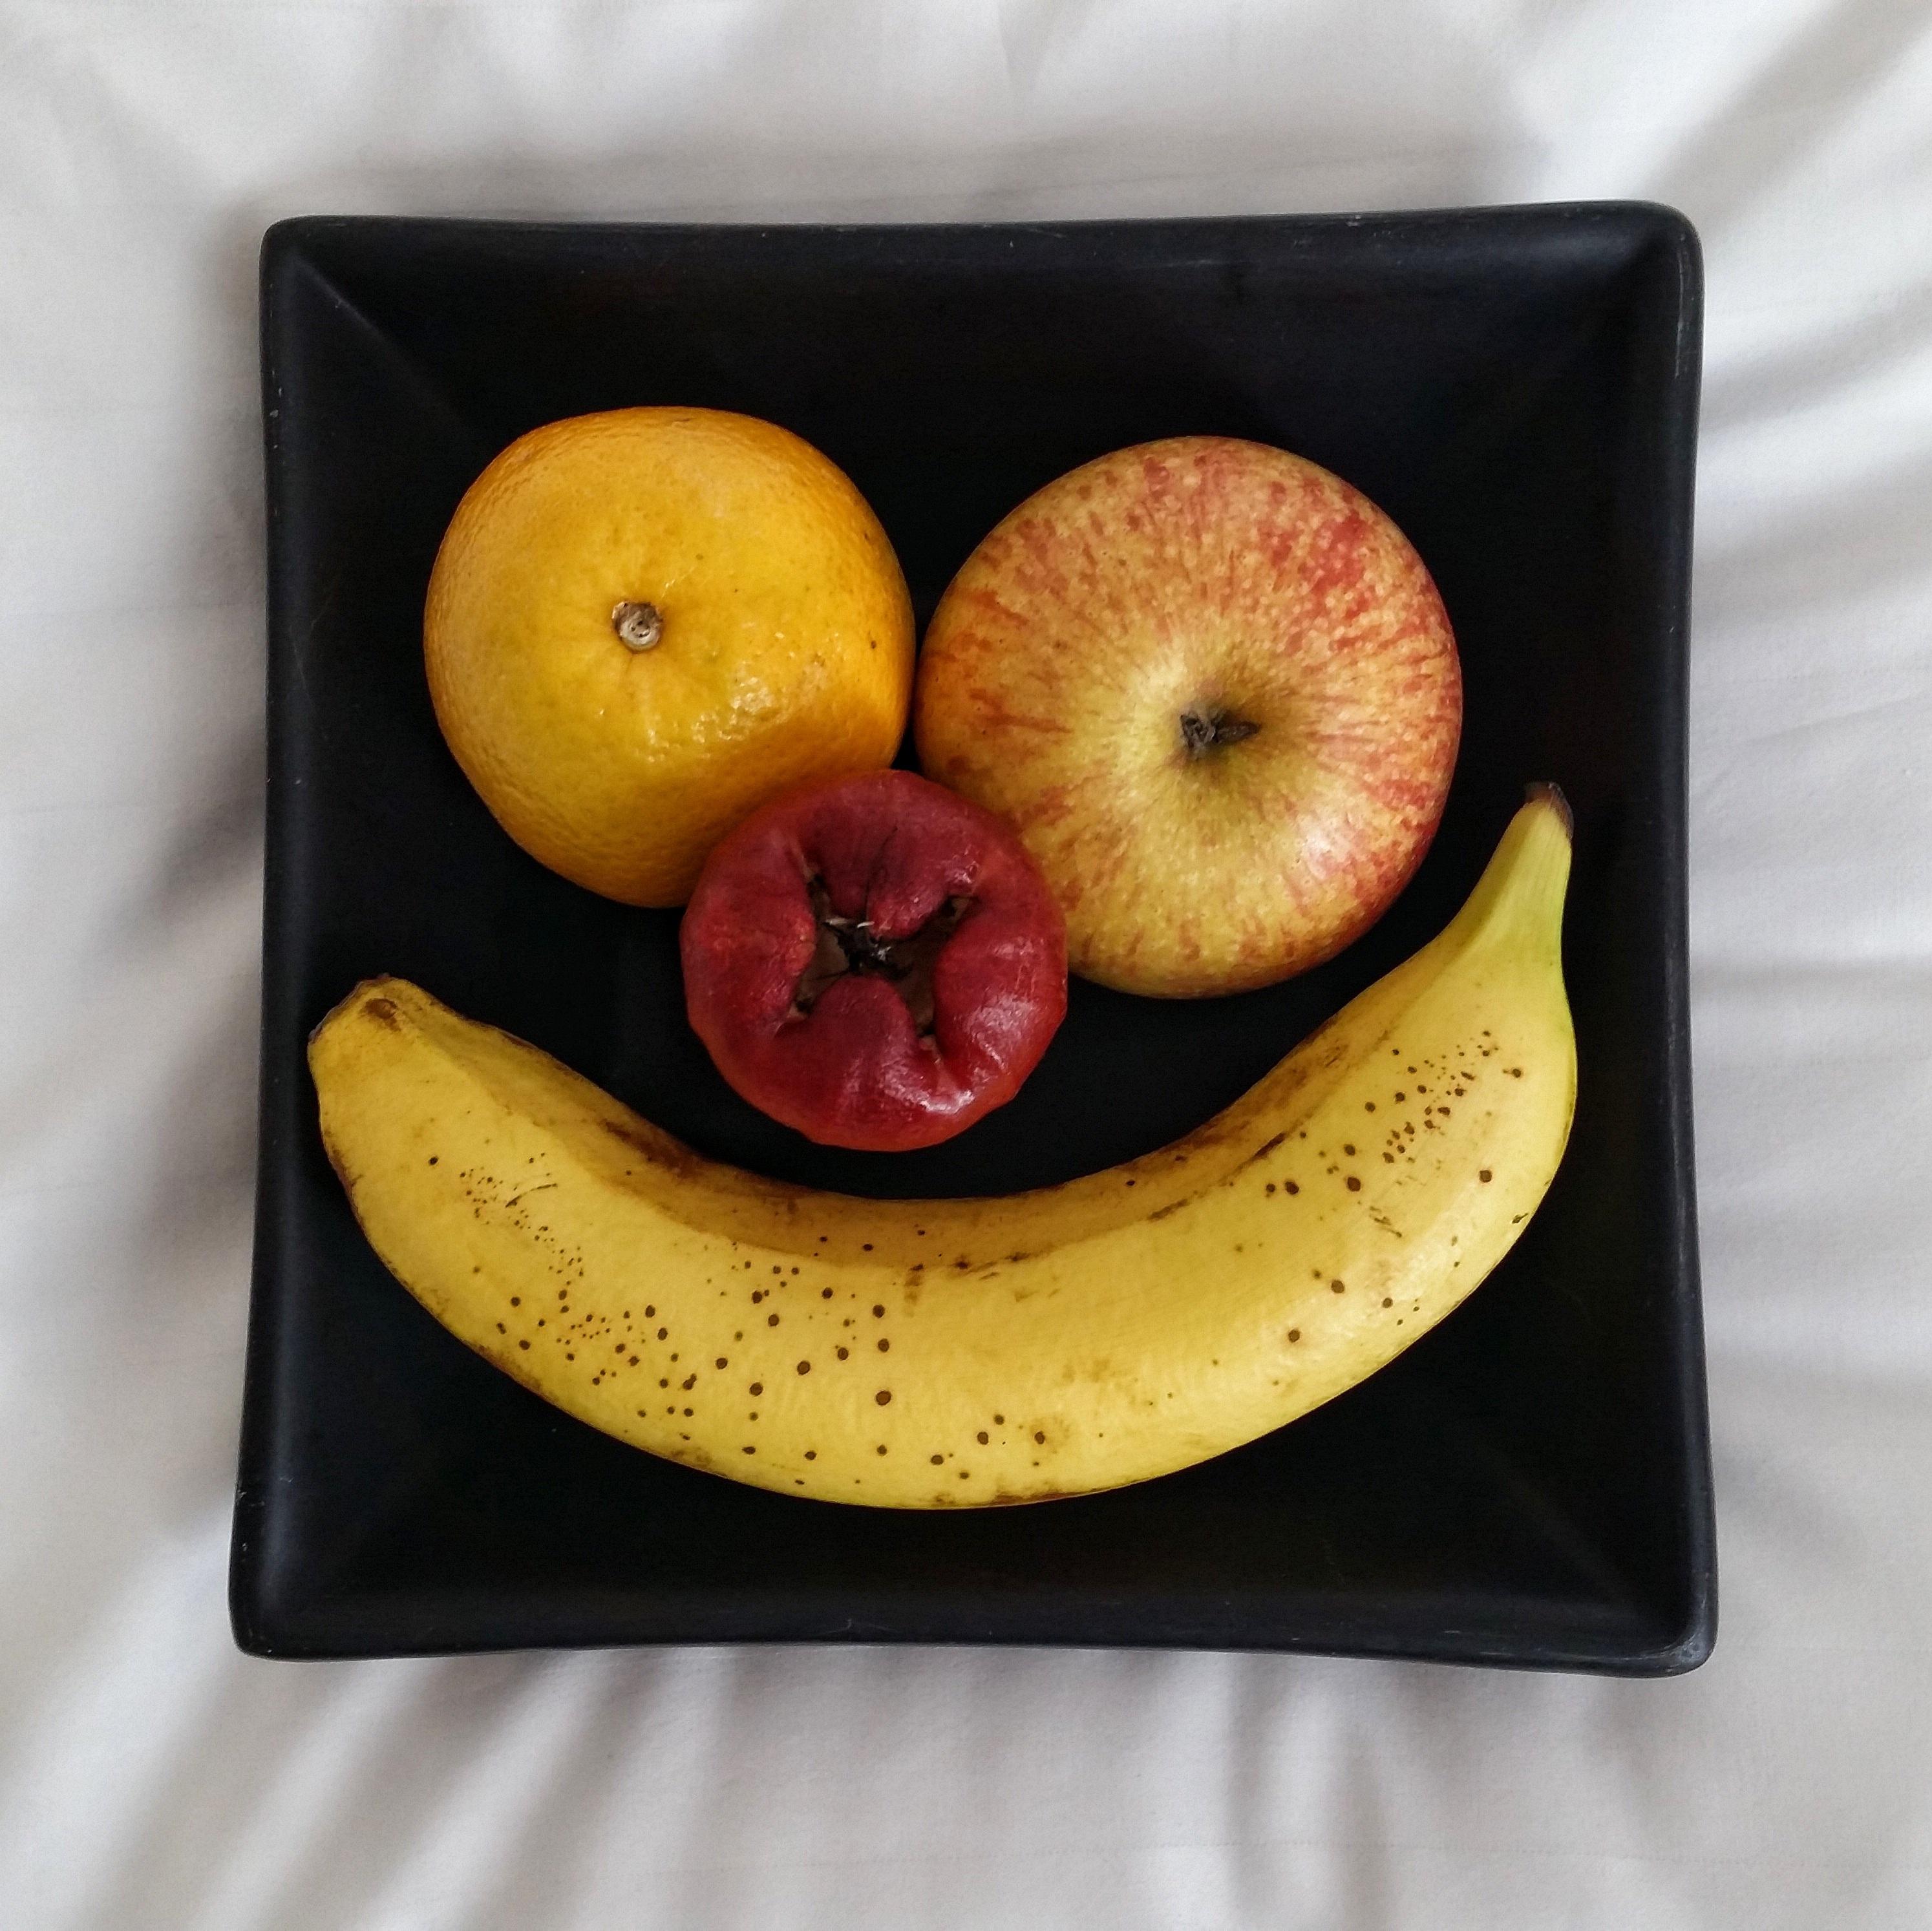 images gratuites sourire fruit assiette aliments en bonne sant frais content r gime. Black Bedroom Furniture Sets. Home Design Ideas